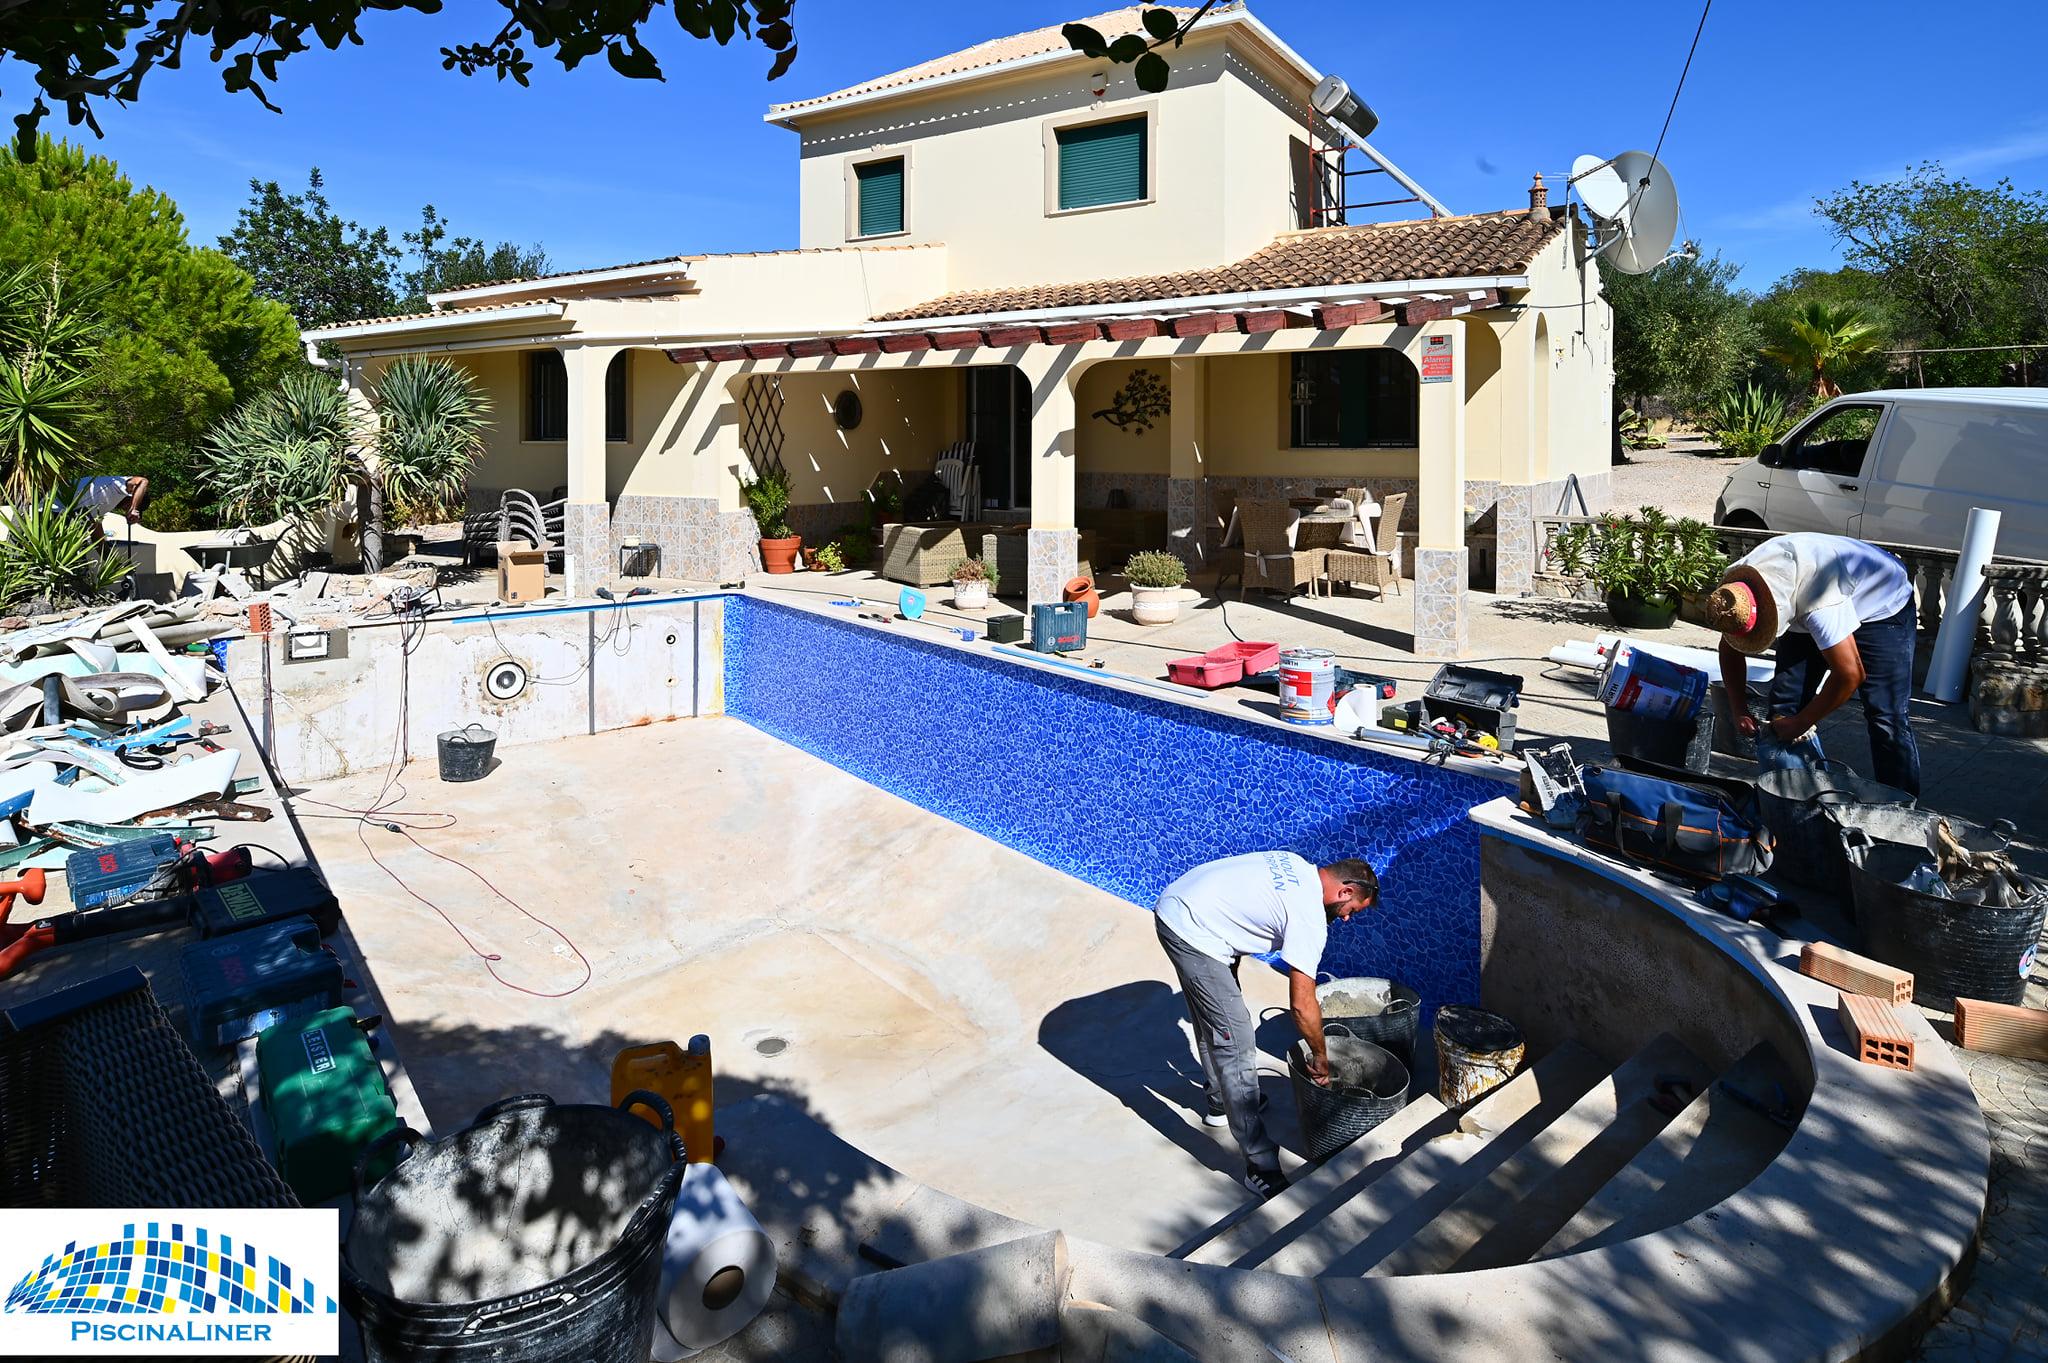 Algarve pool repairs